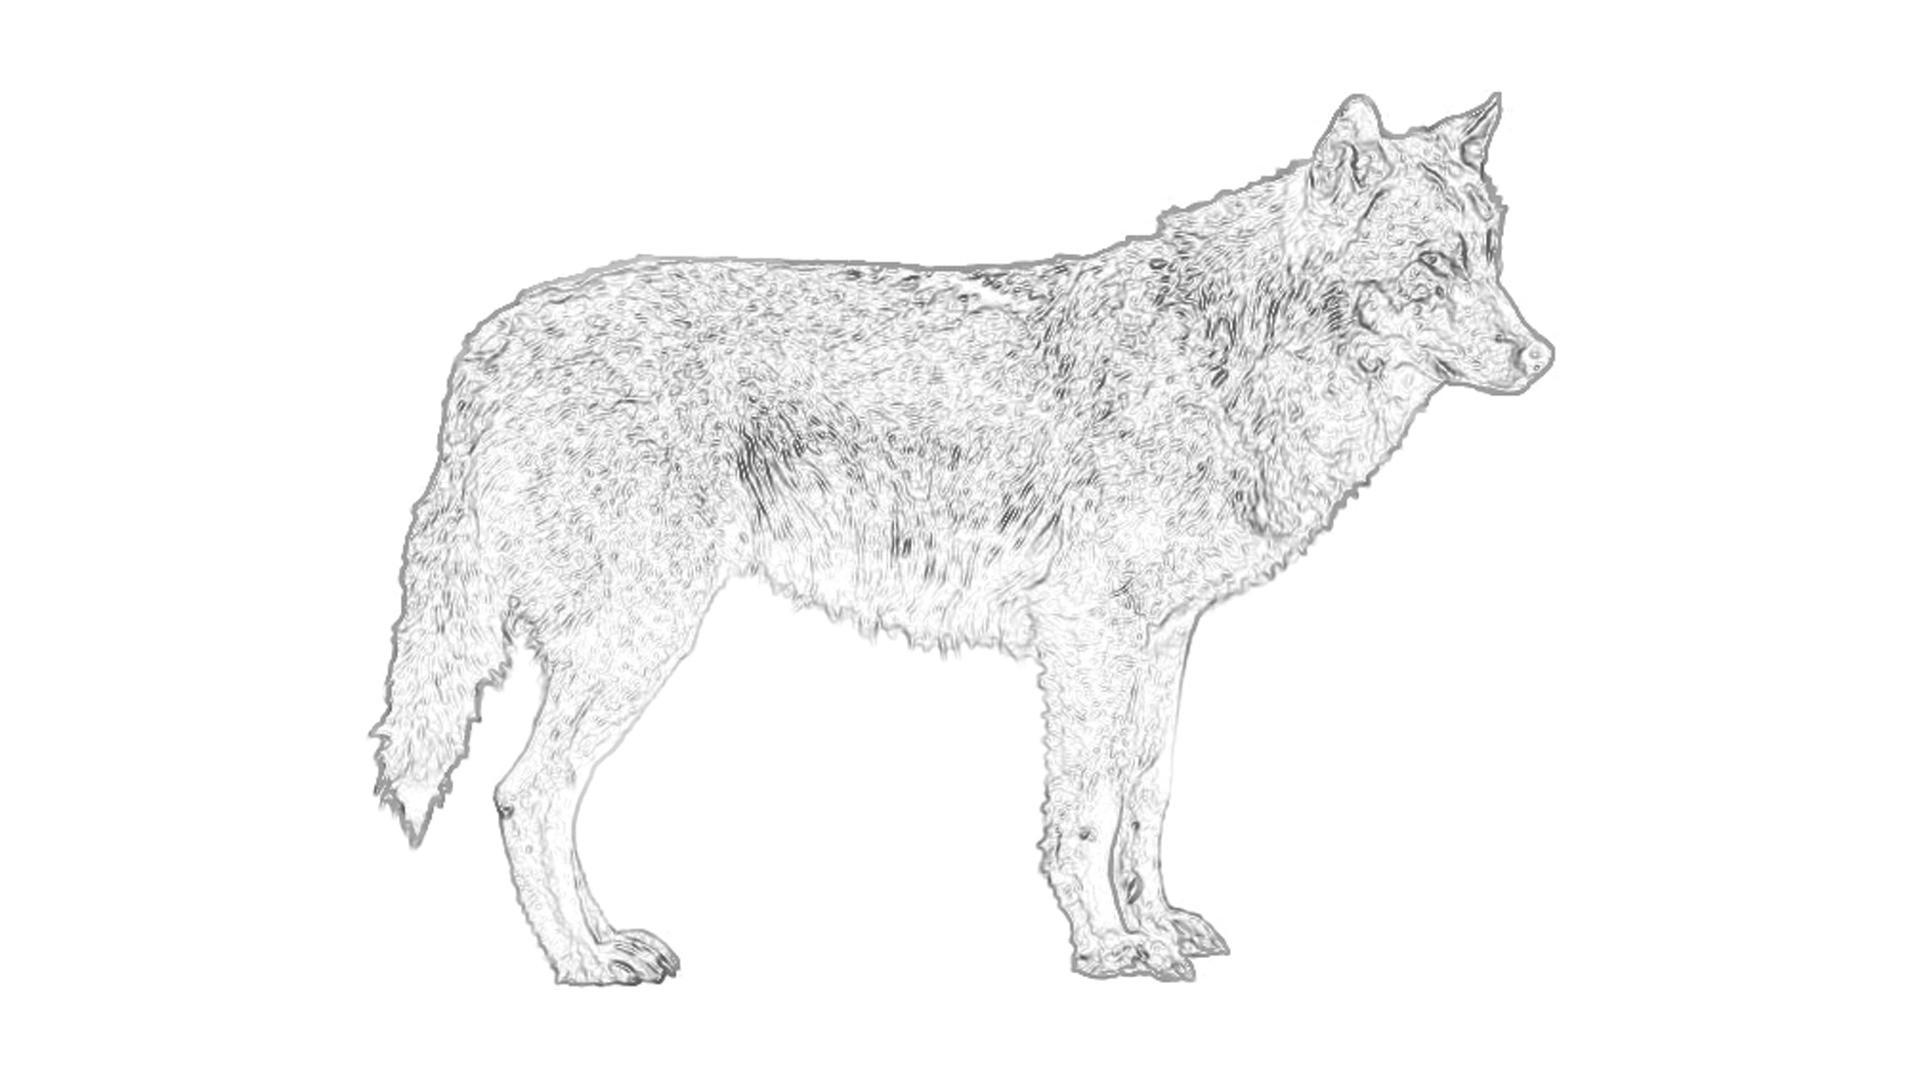 Wolf Bilder Zum Ausmalen Das Beste Von Wolf Ausmalbilder Awesome Yoda Ausmalbilder Uploadertalk Beste Das Bild